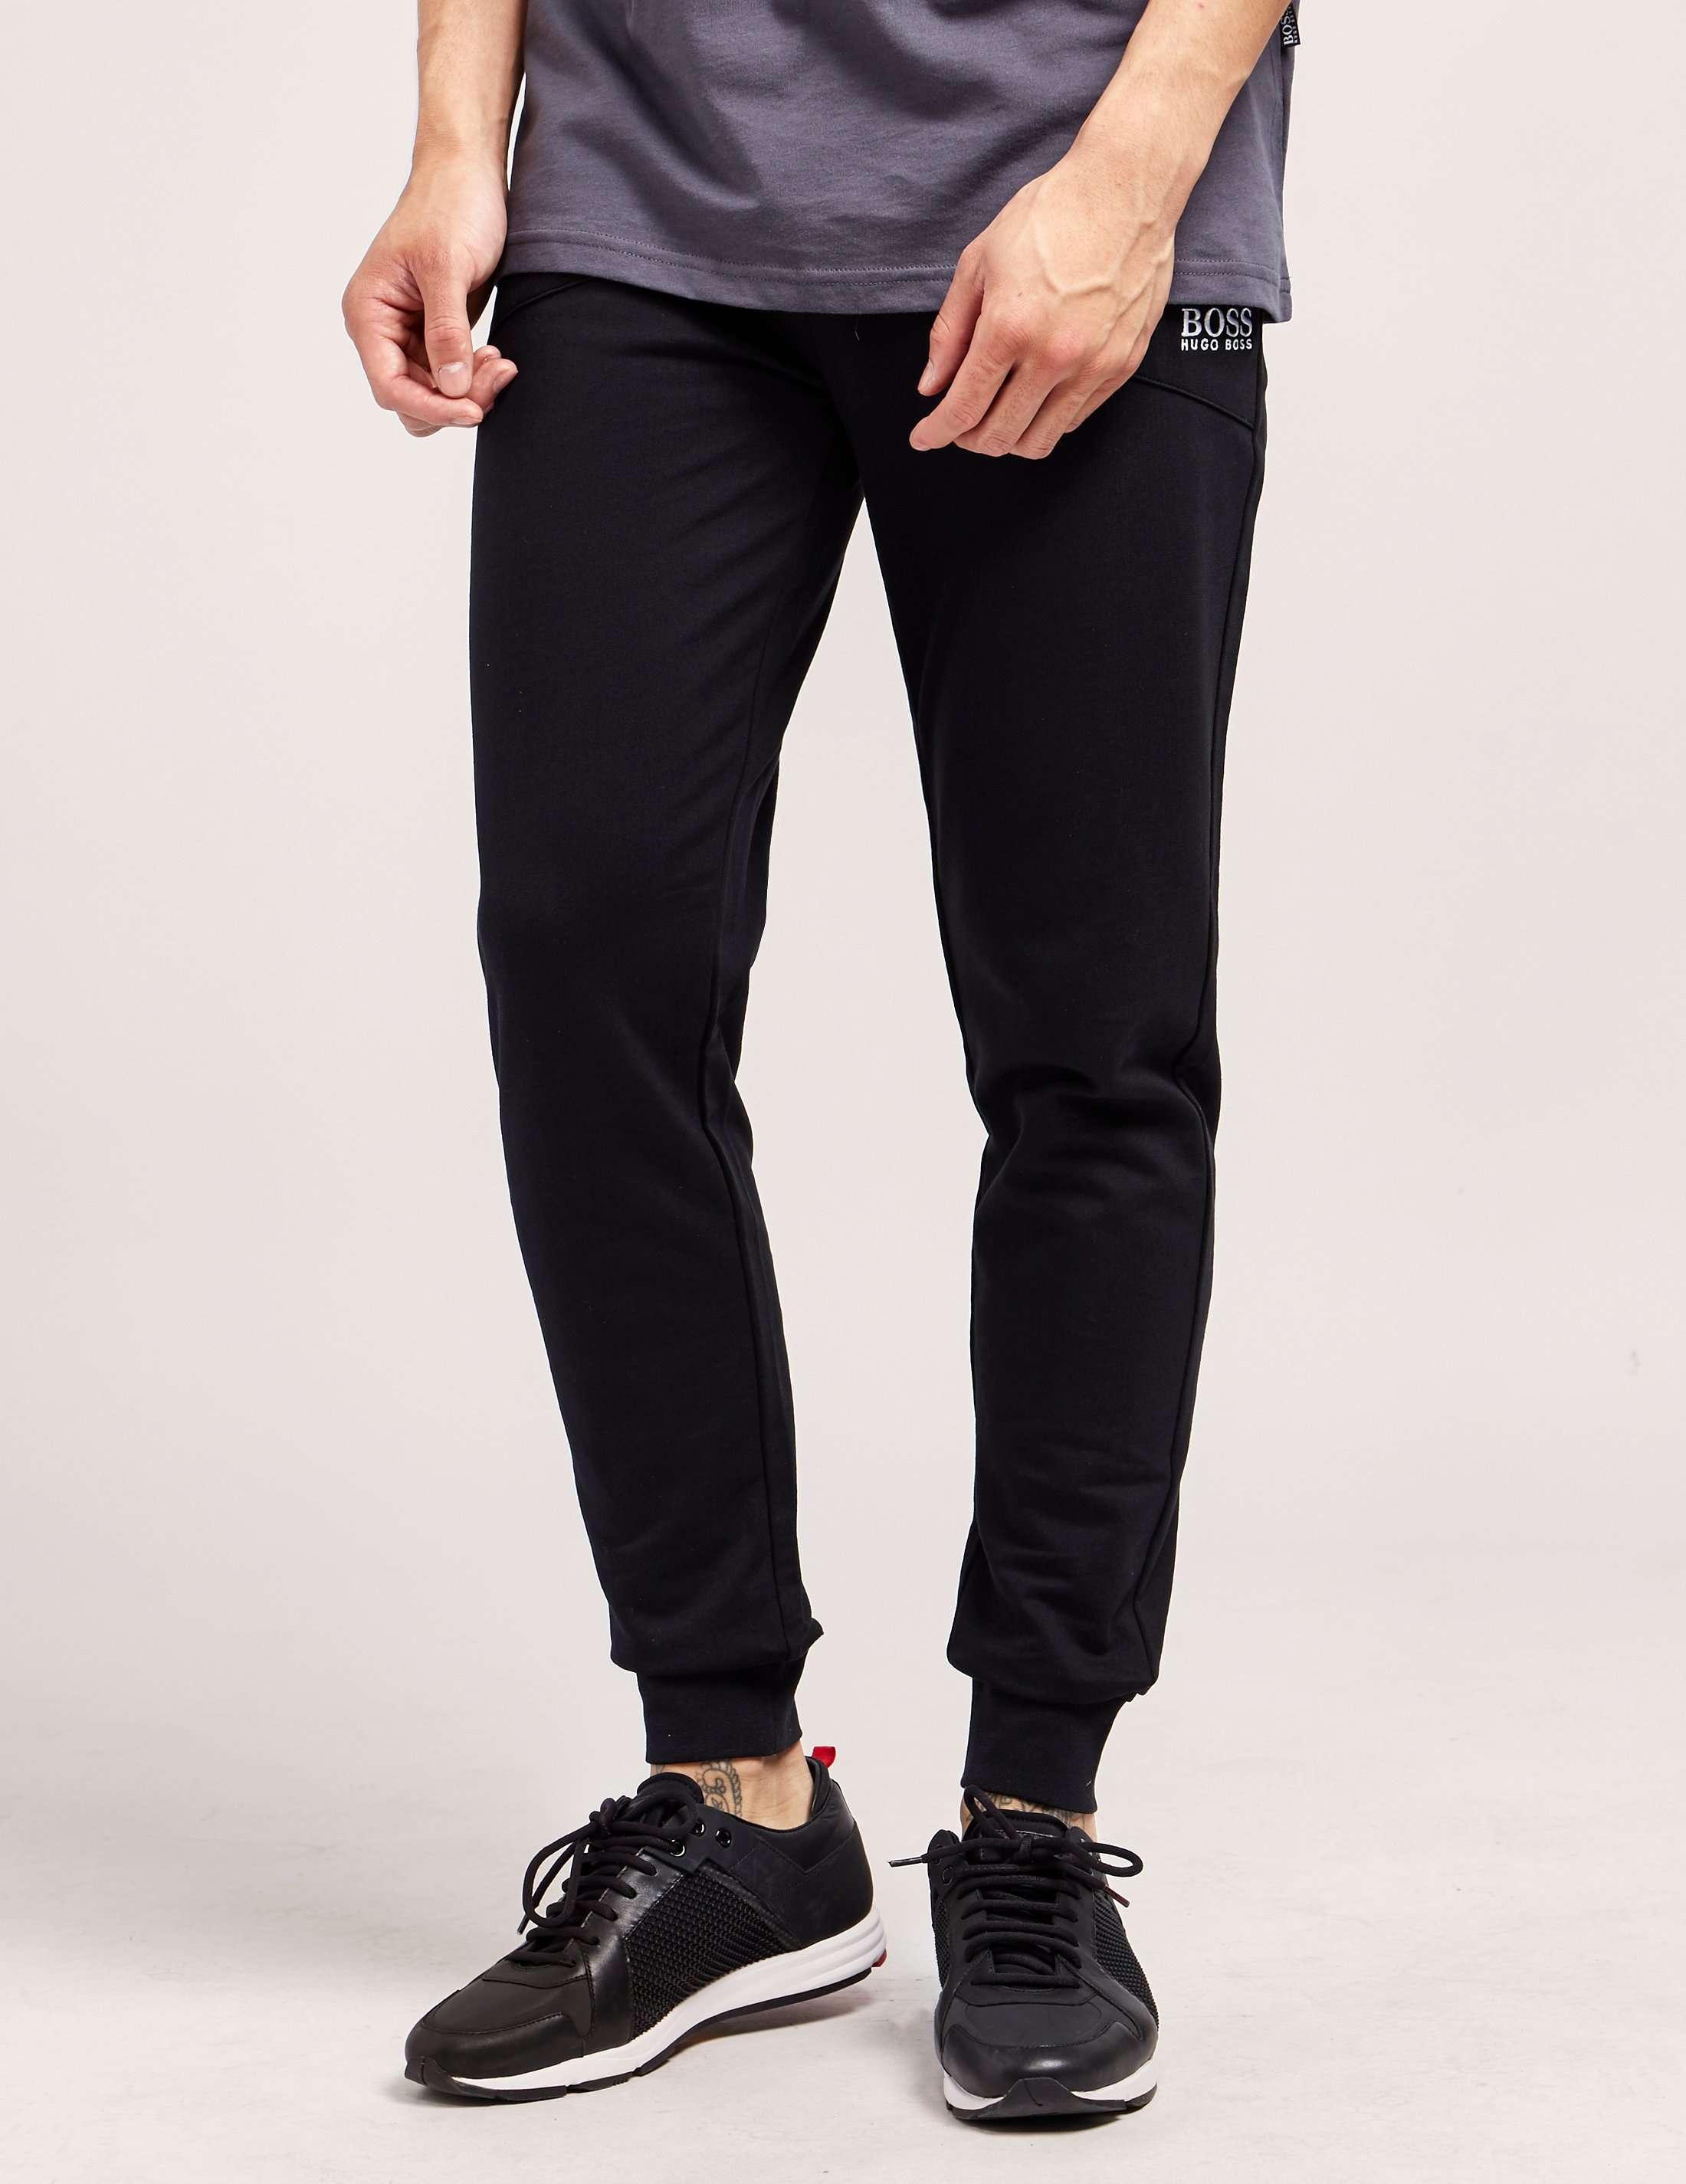 BOSS Cuffed Track Pants